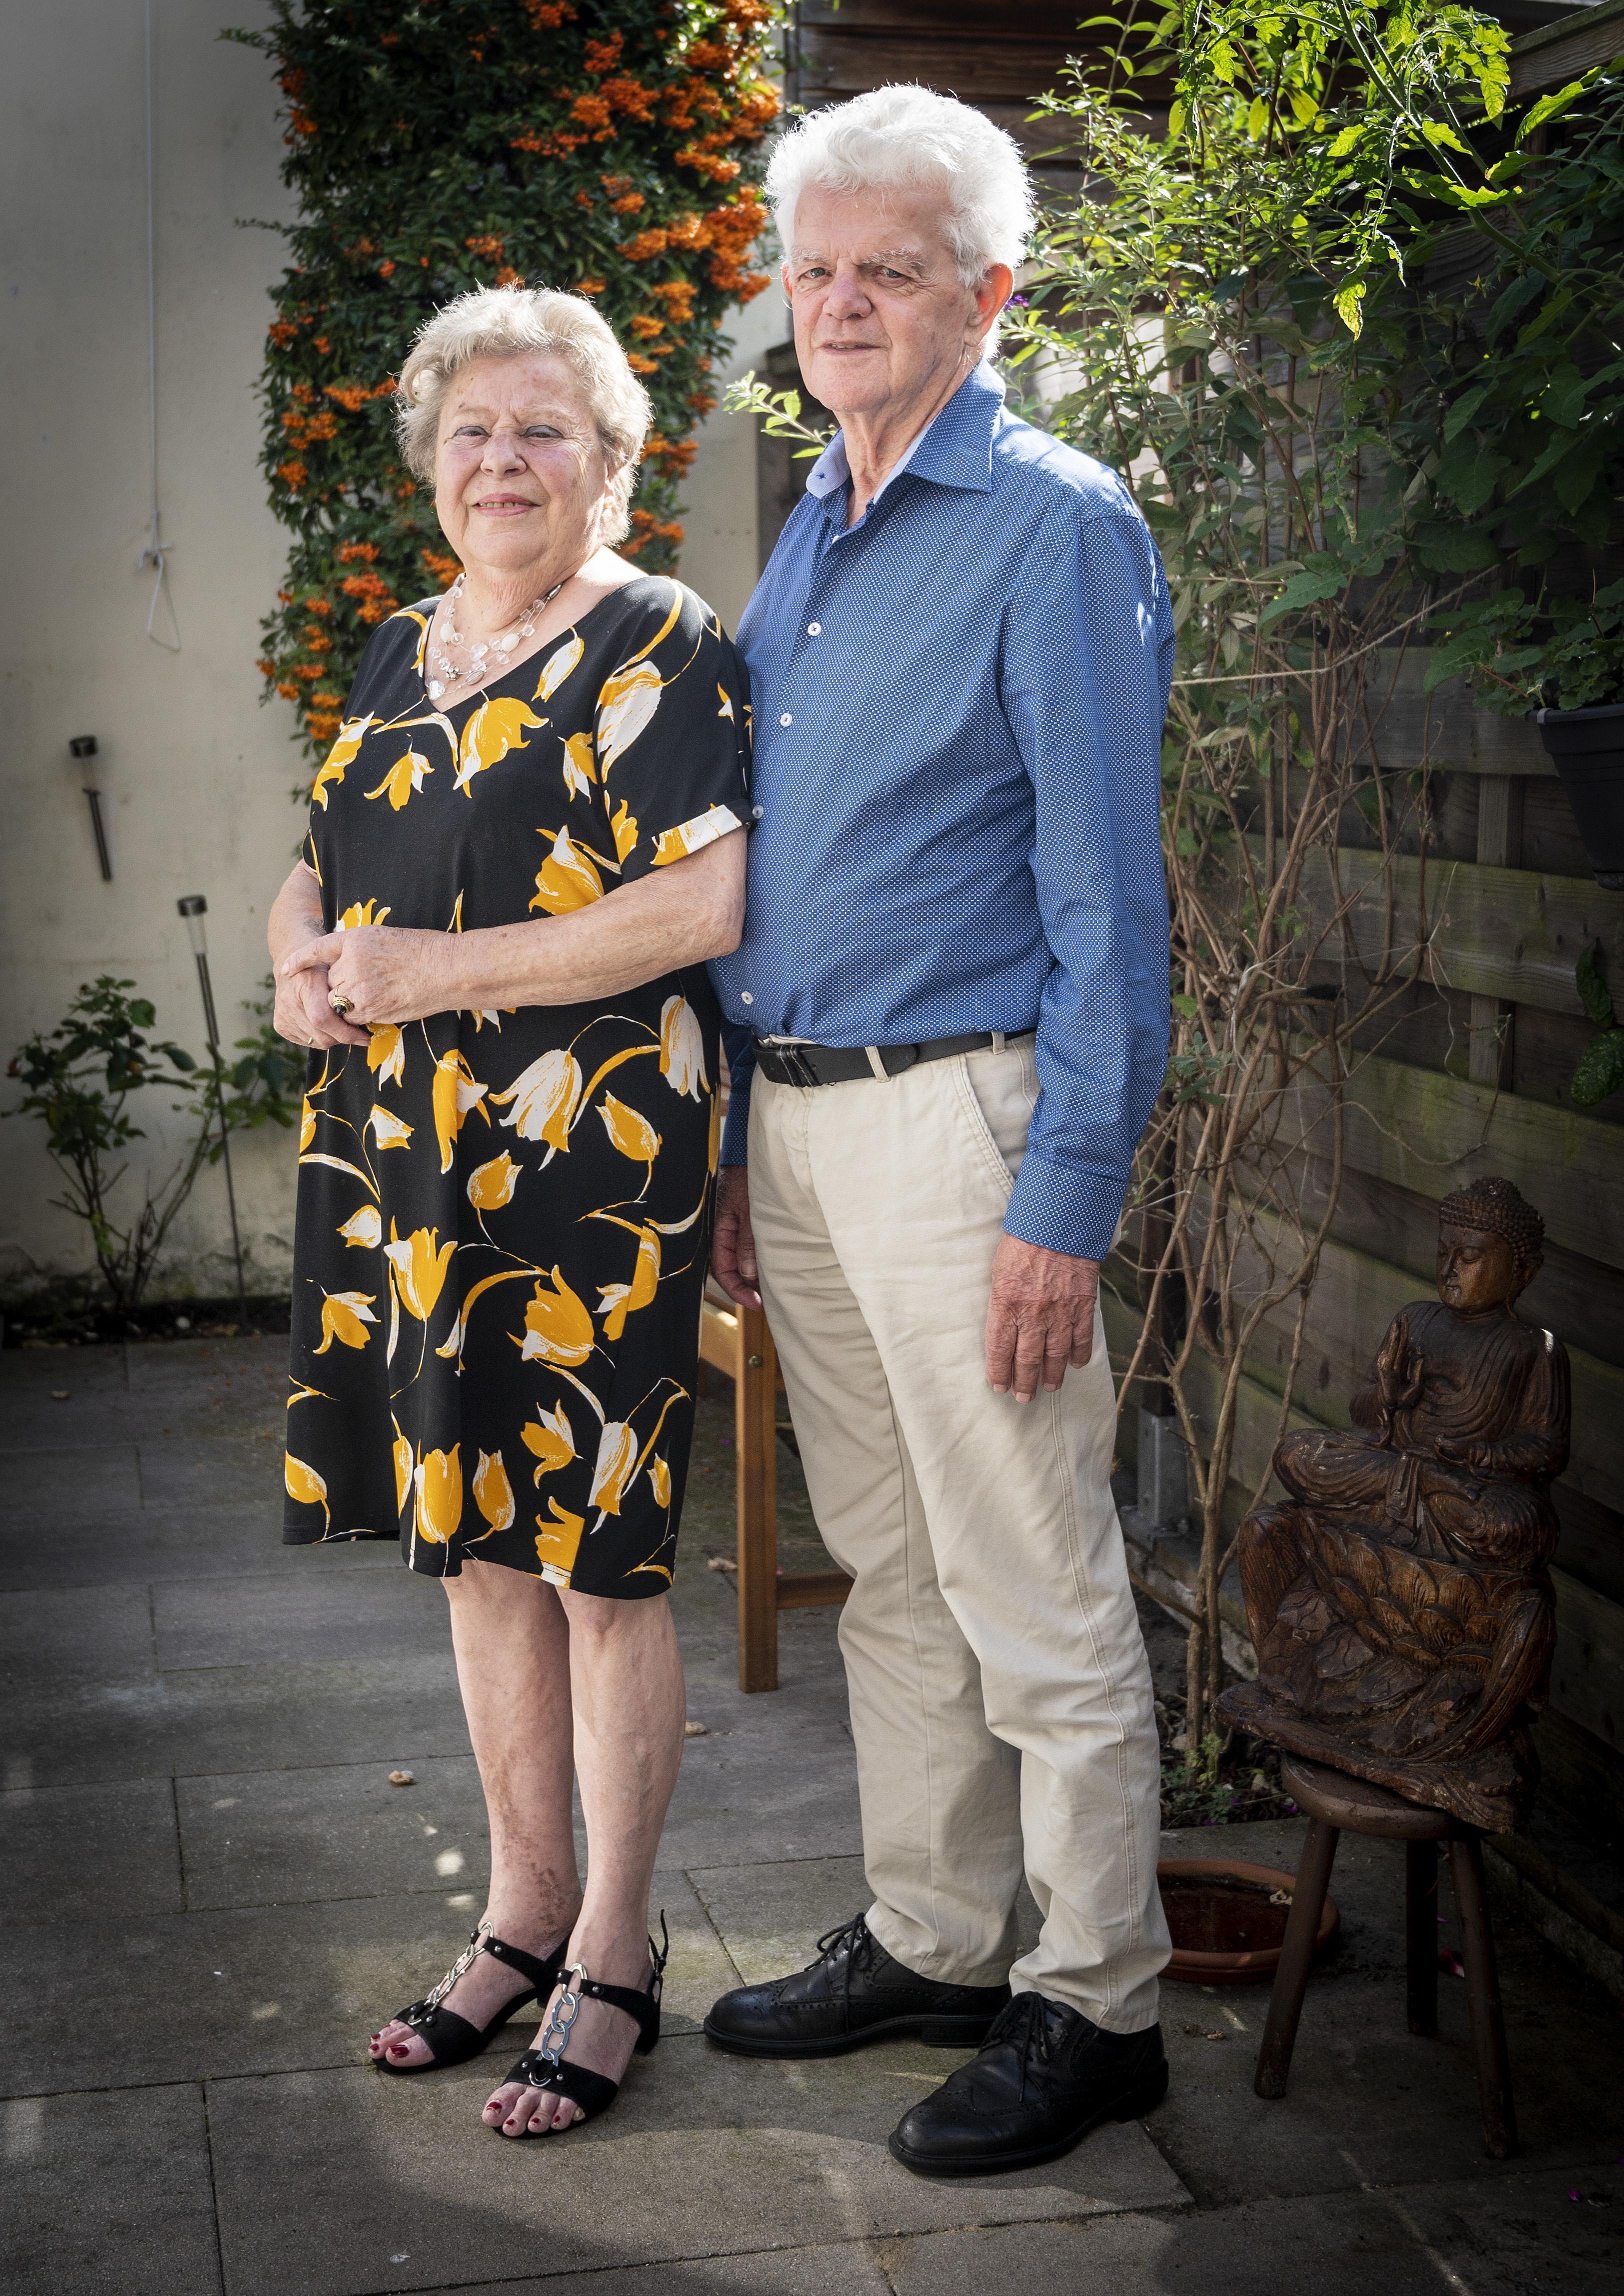 Ton en Tineke Deen uit Haarlem zijn 65 jaar getrouwd: 'Als iedereen zo'n vrouw had als ik, dan waren er geen huwelijksbreuken'